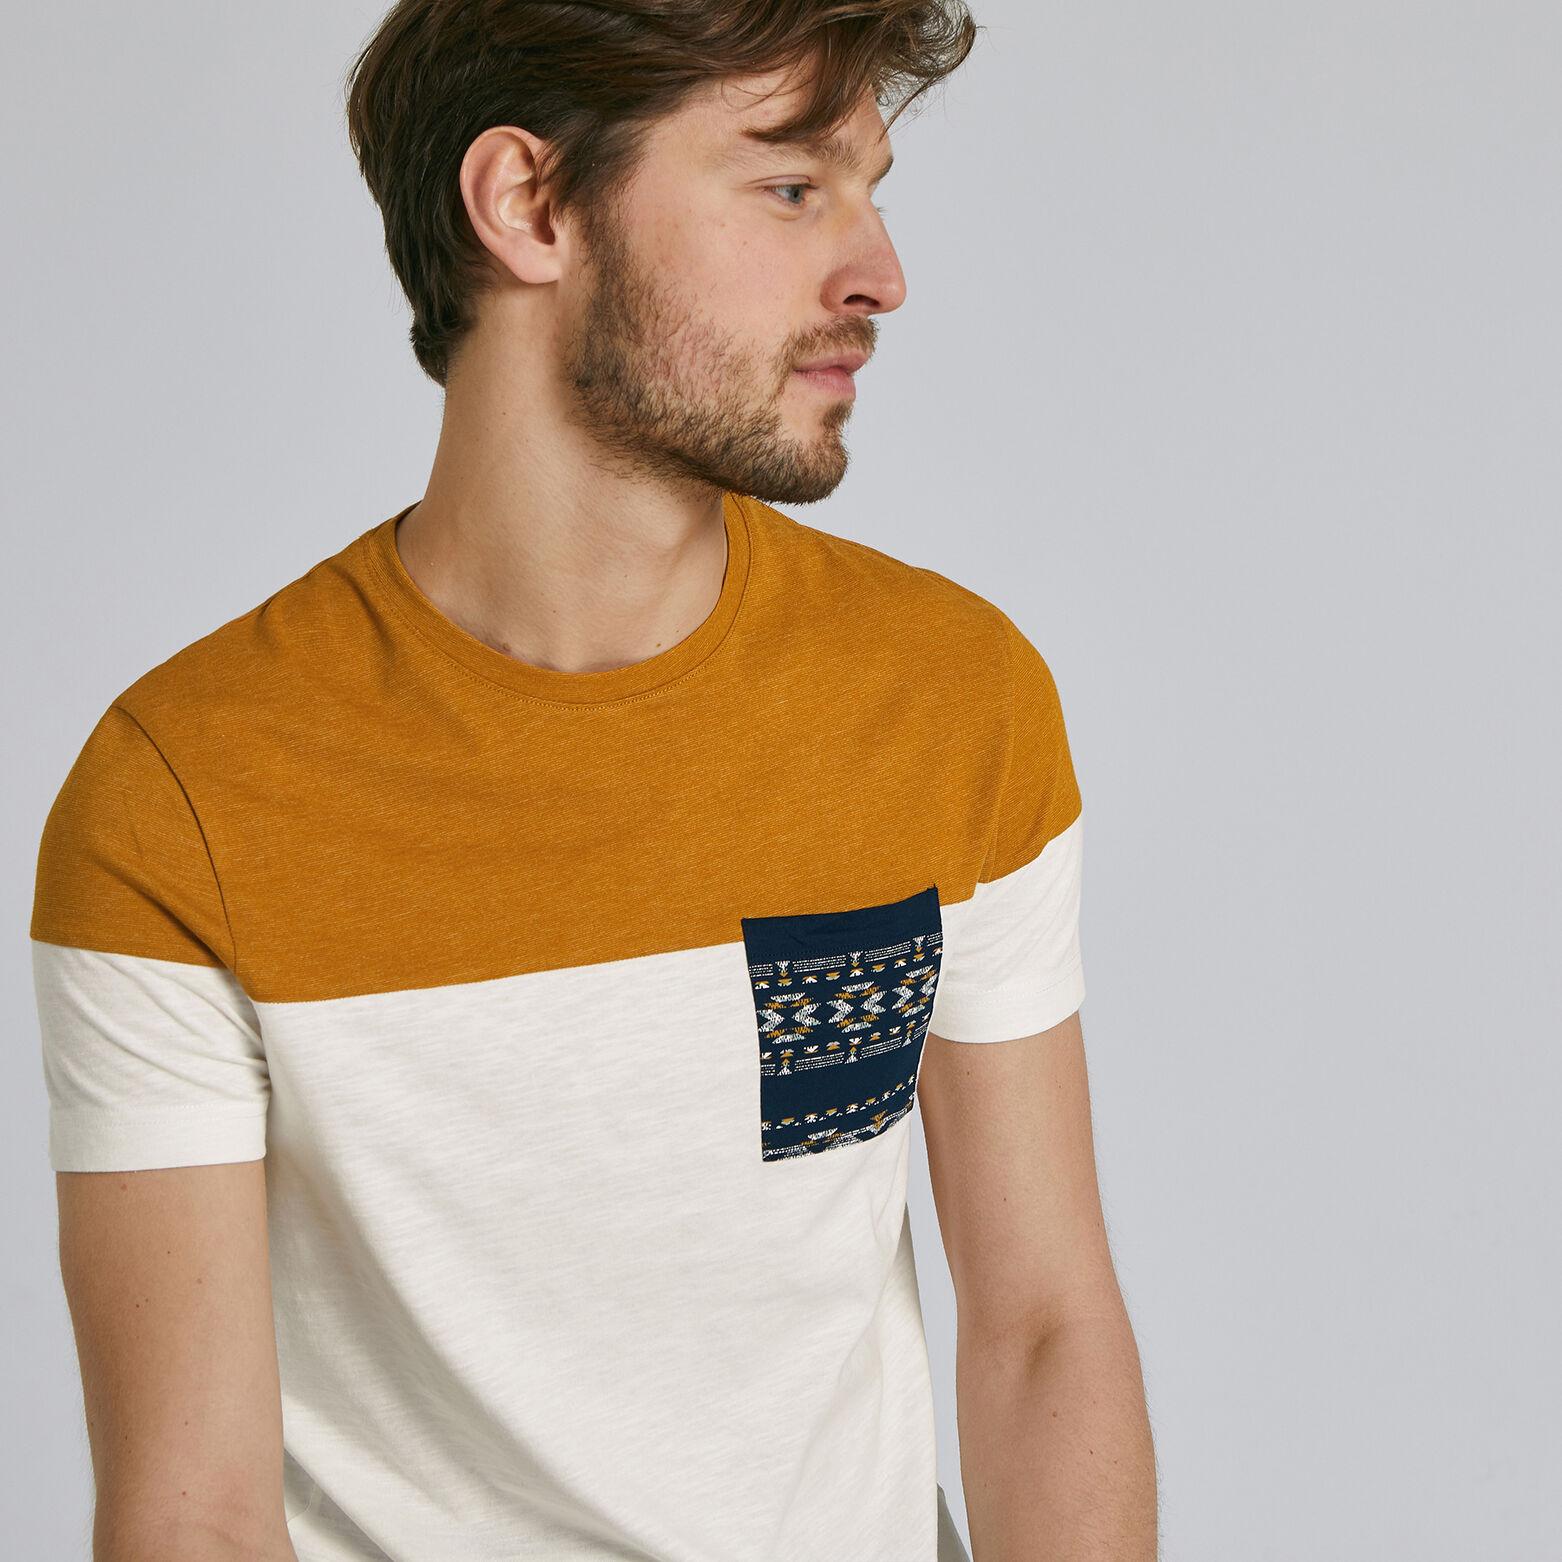 Tee shirt colorblock poche imprimée